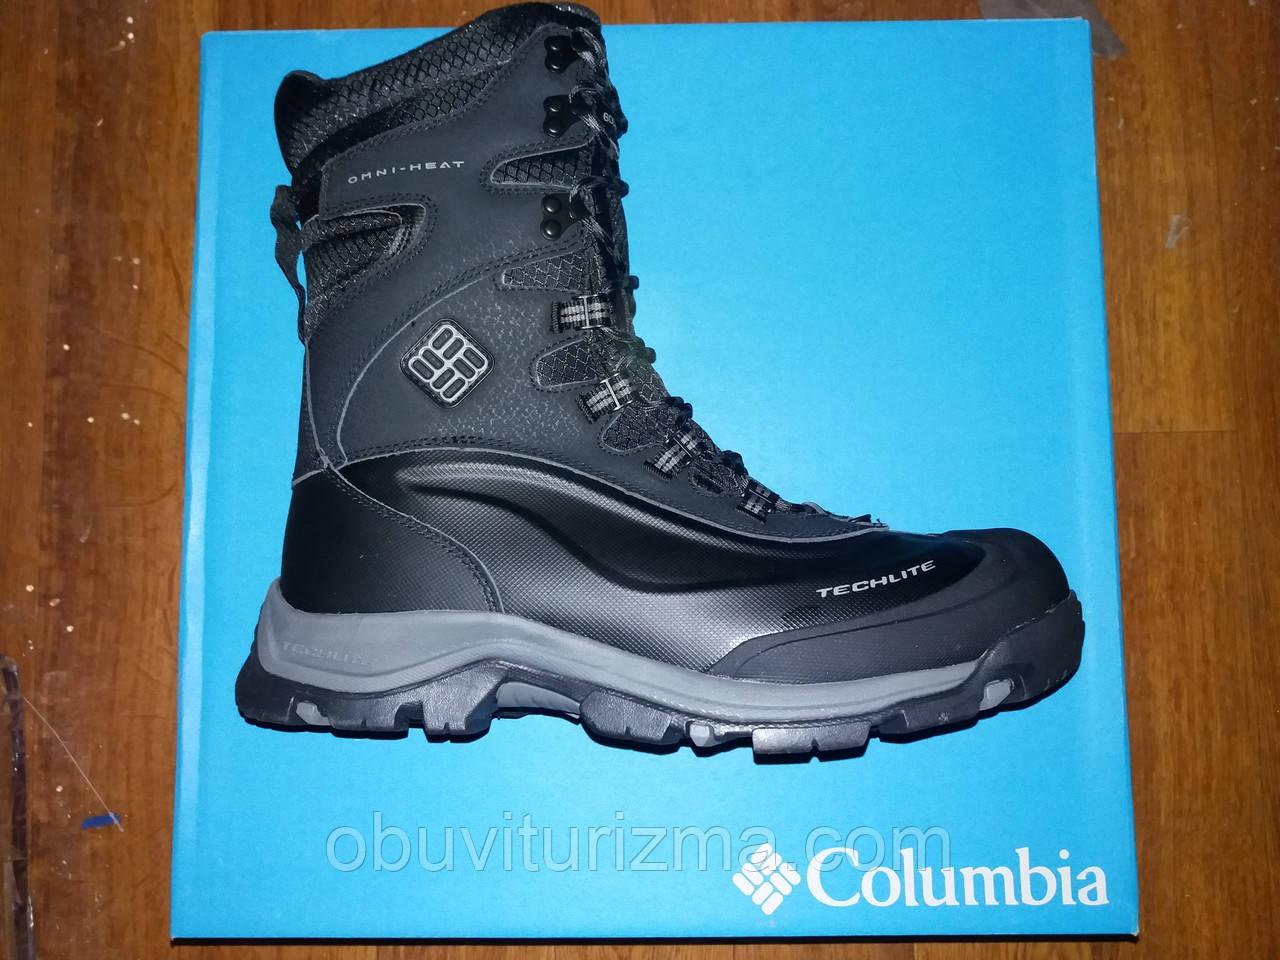 Columbia Sportswear Bugaboot Plus XTM 3 Omni-Heat 28a7d49ee8b9f